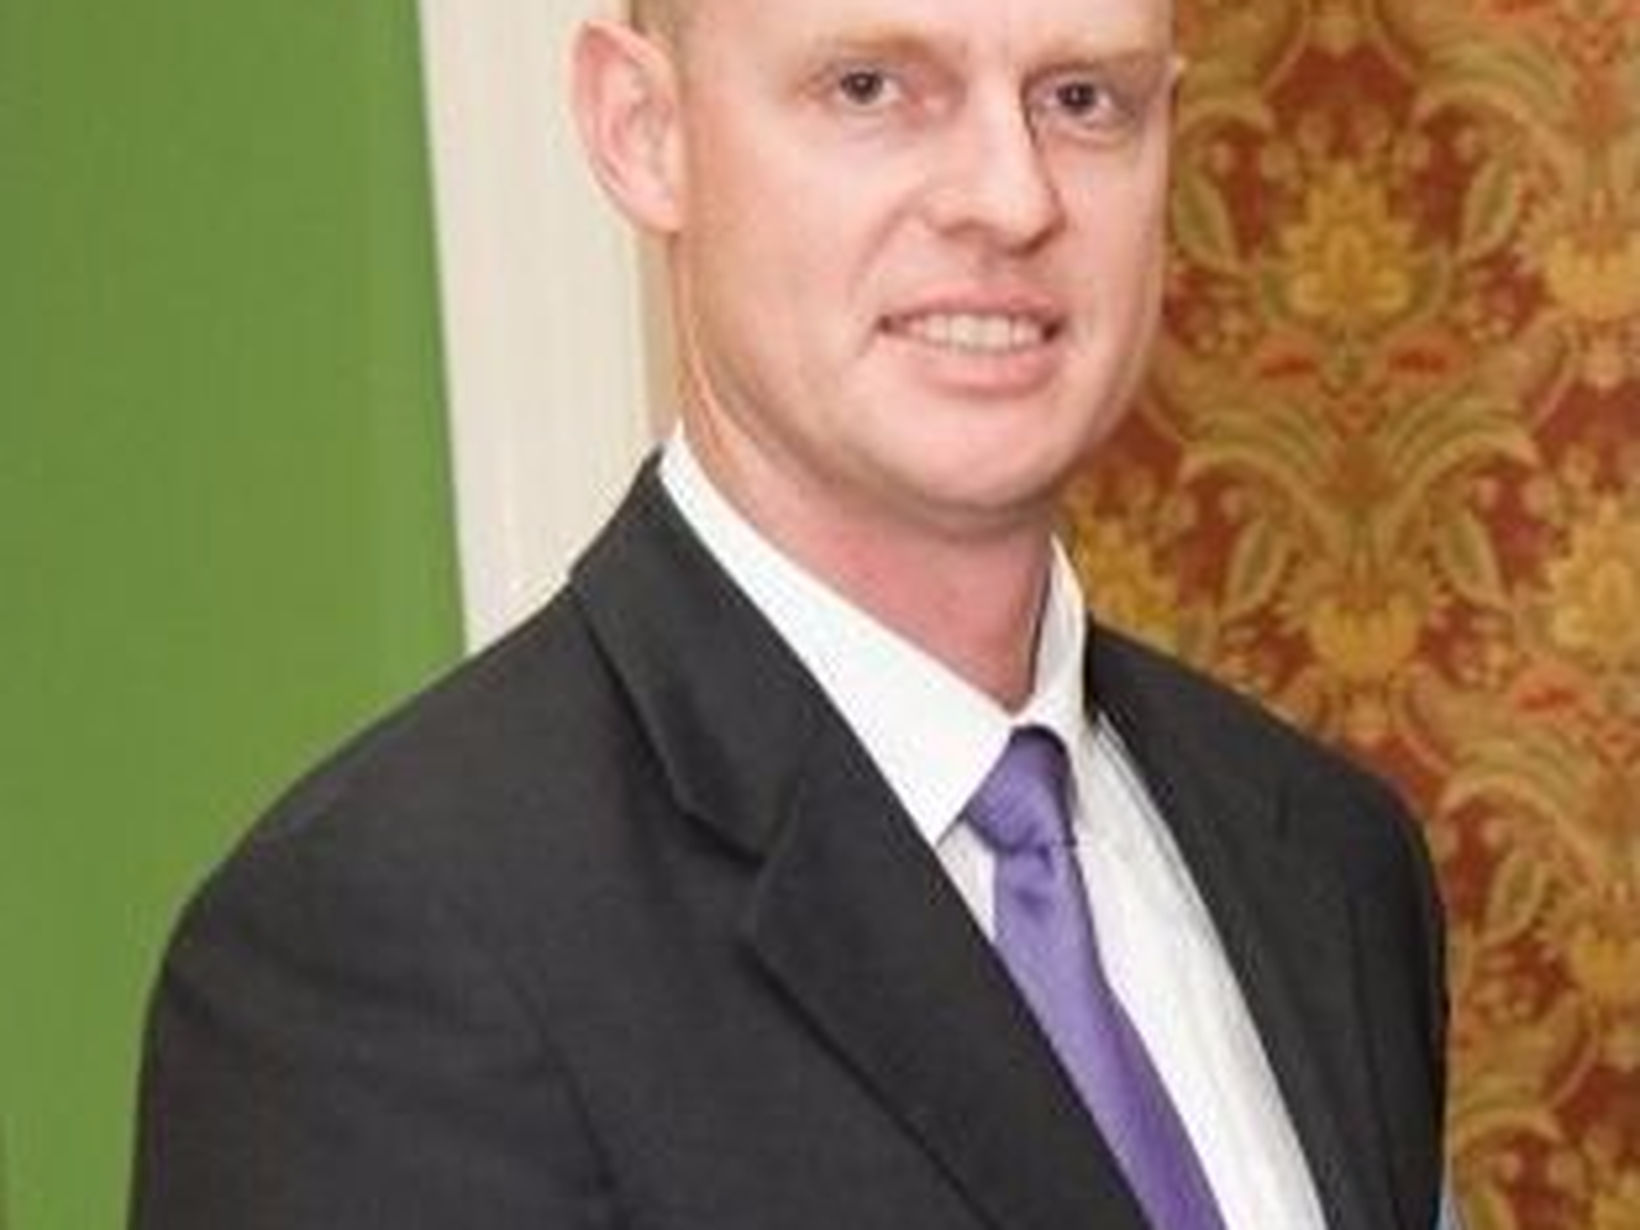 Brendan from Adelaide, South Australia, Australia